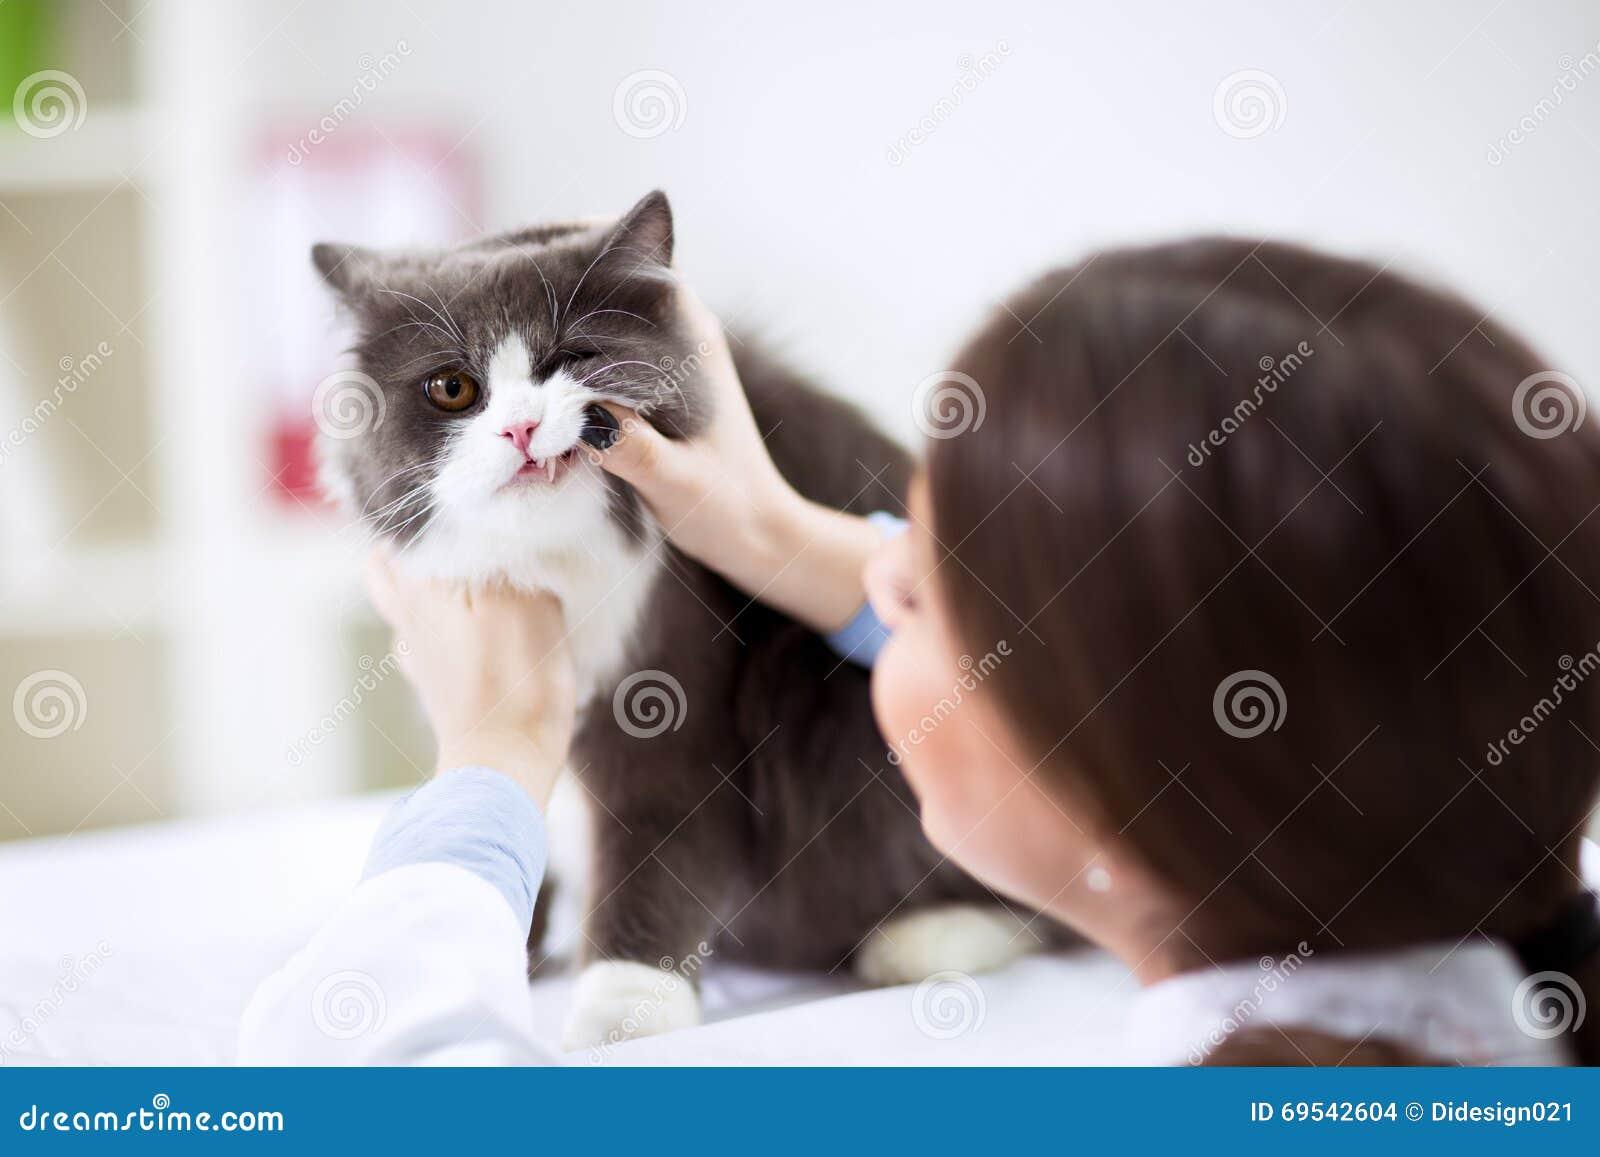 Undersökande Tänder För Veterinär Av En Katt Medan Göra